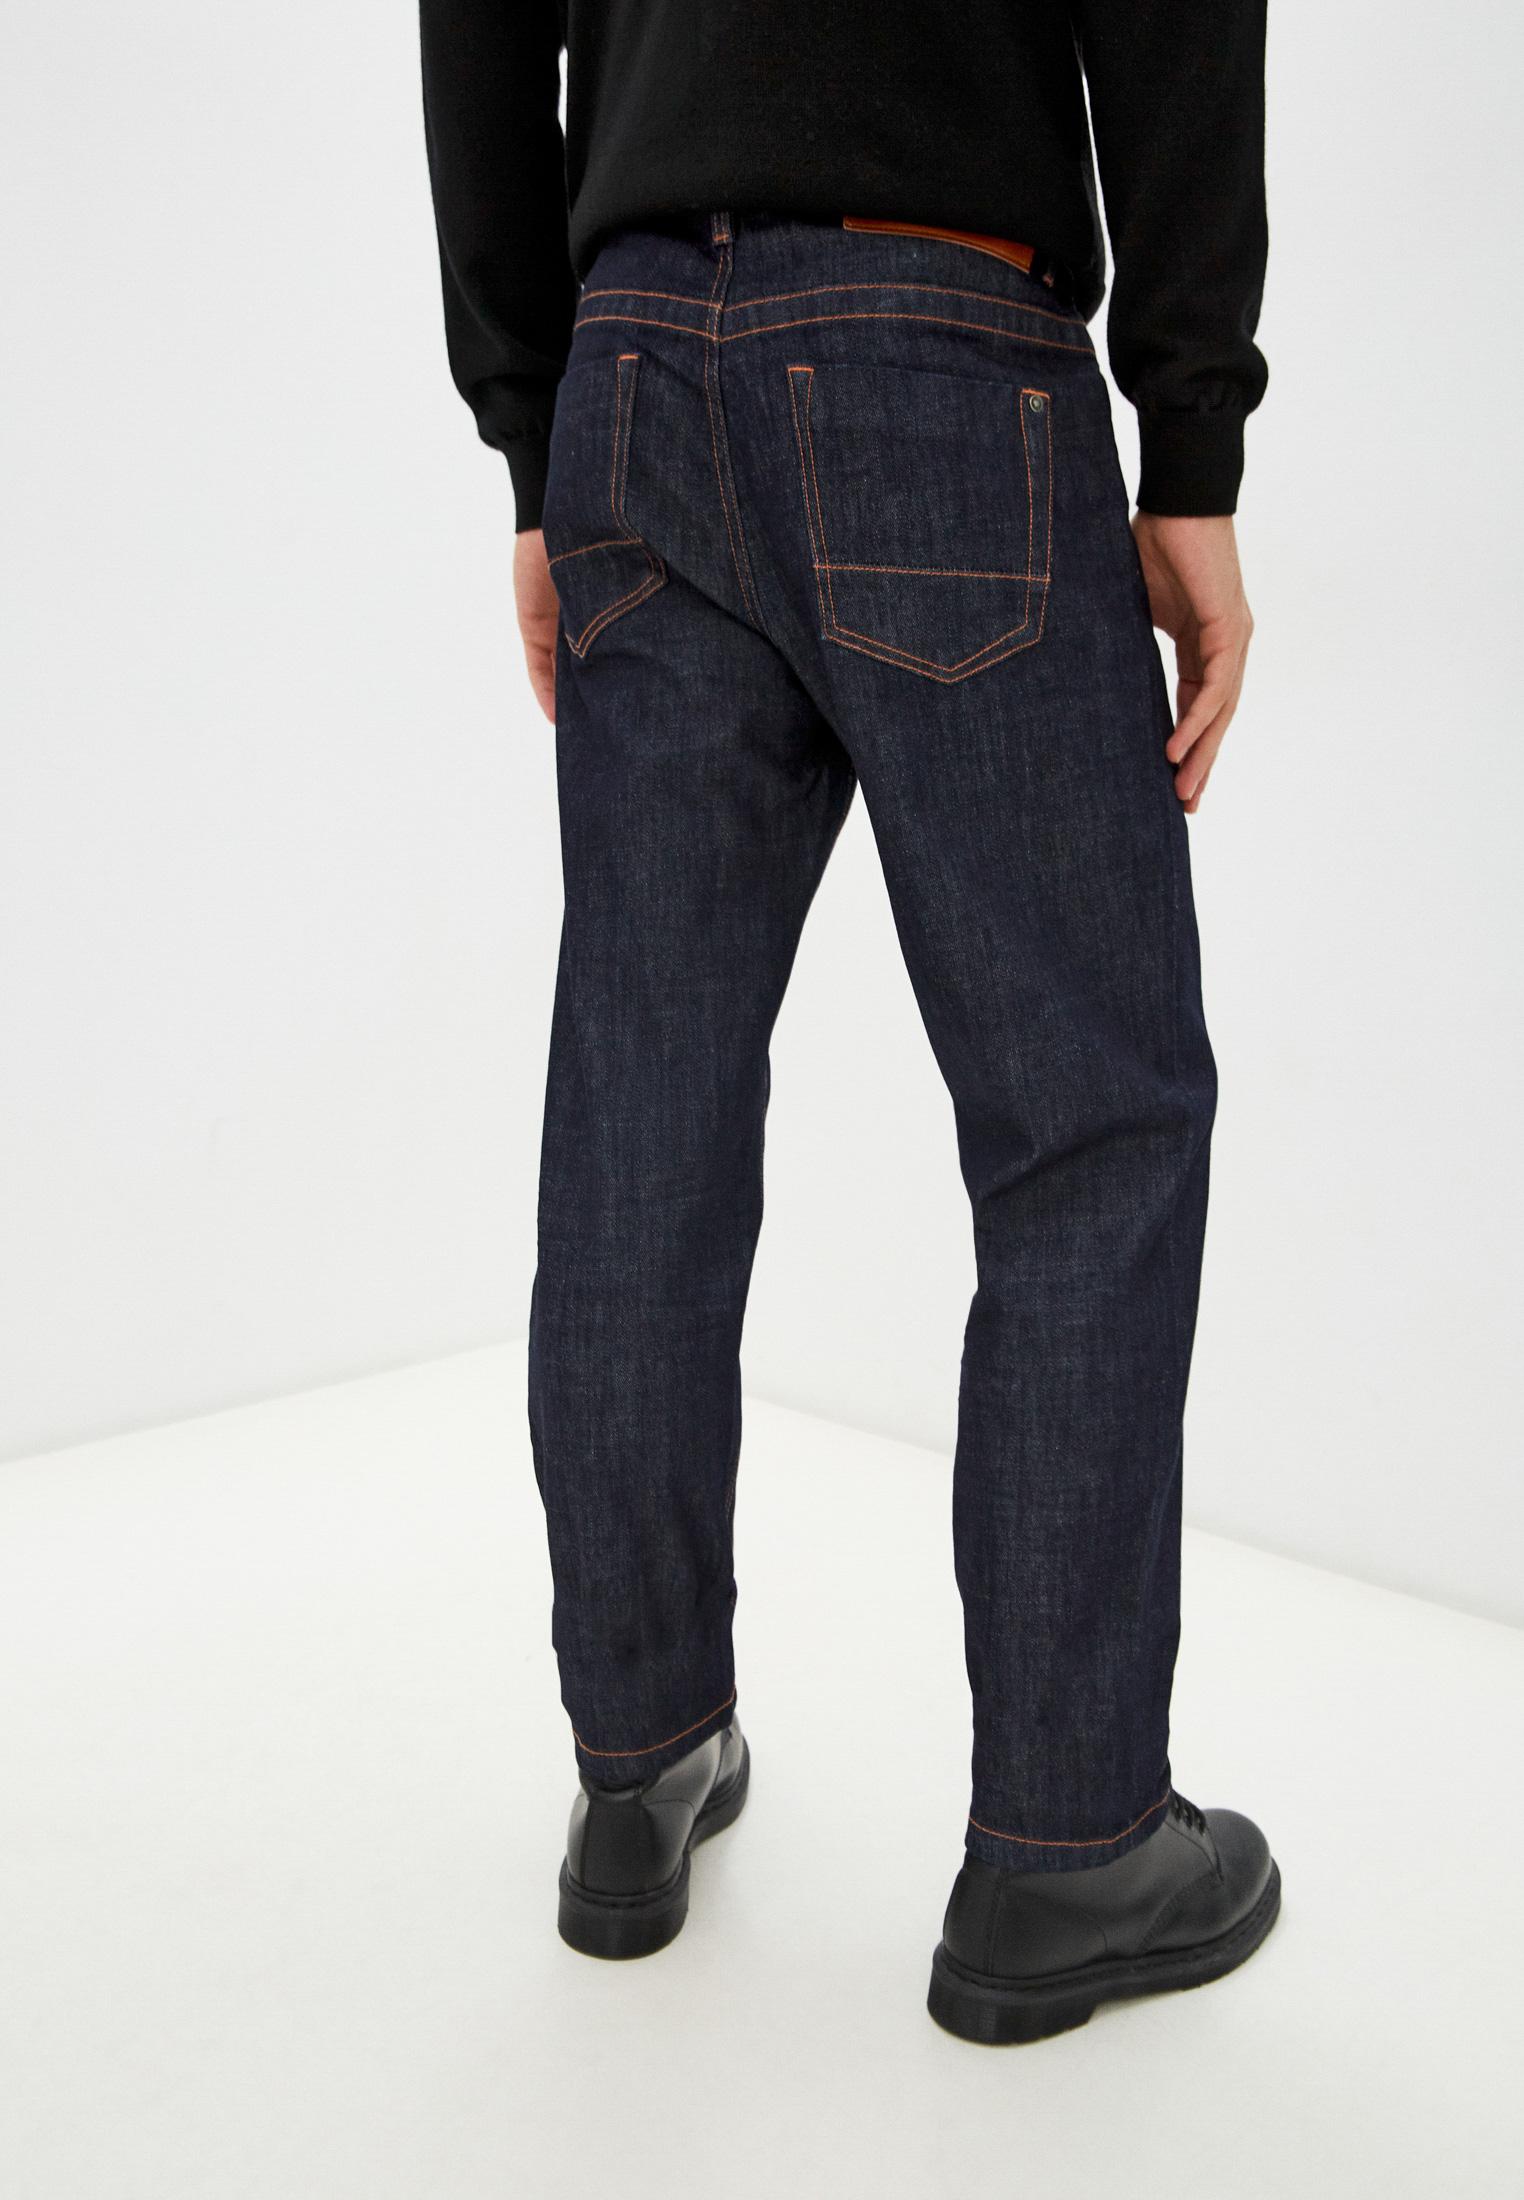 Мужские прямые джинсы Bikkembergs (Биккембергс) C Q 102 03 S 3393: изображение 14